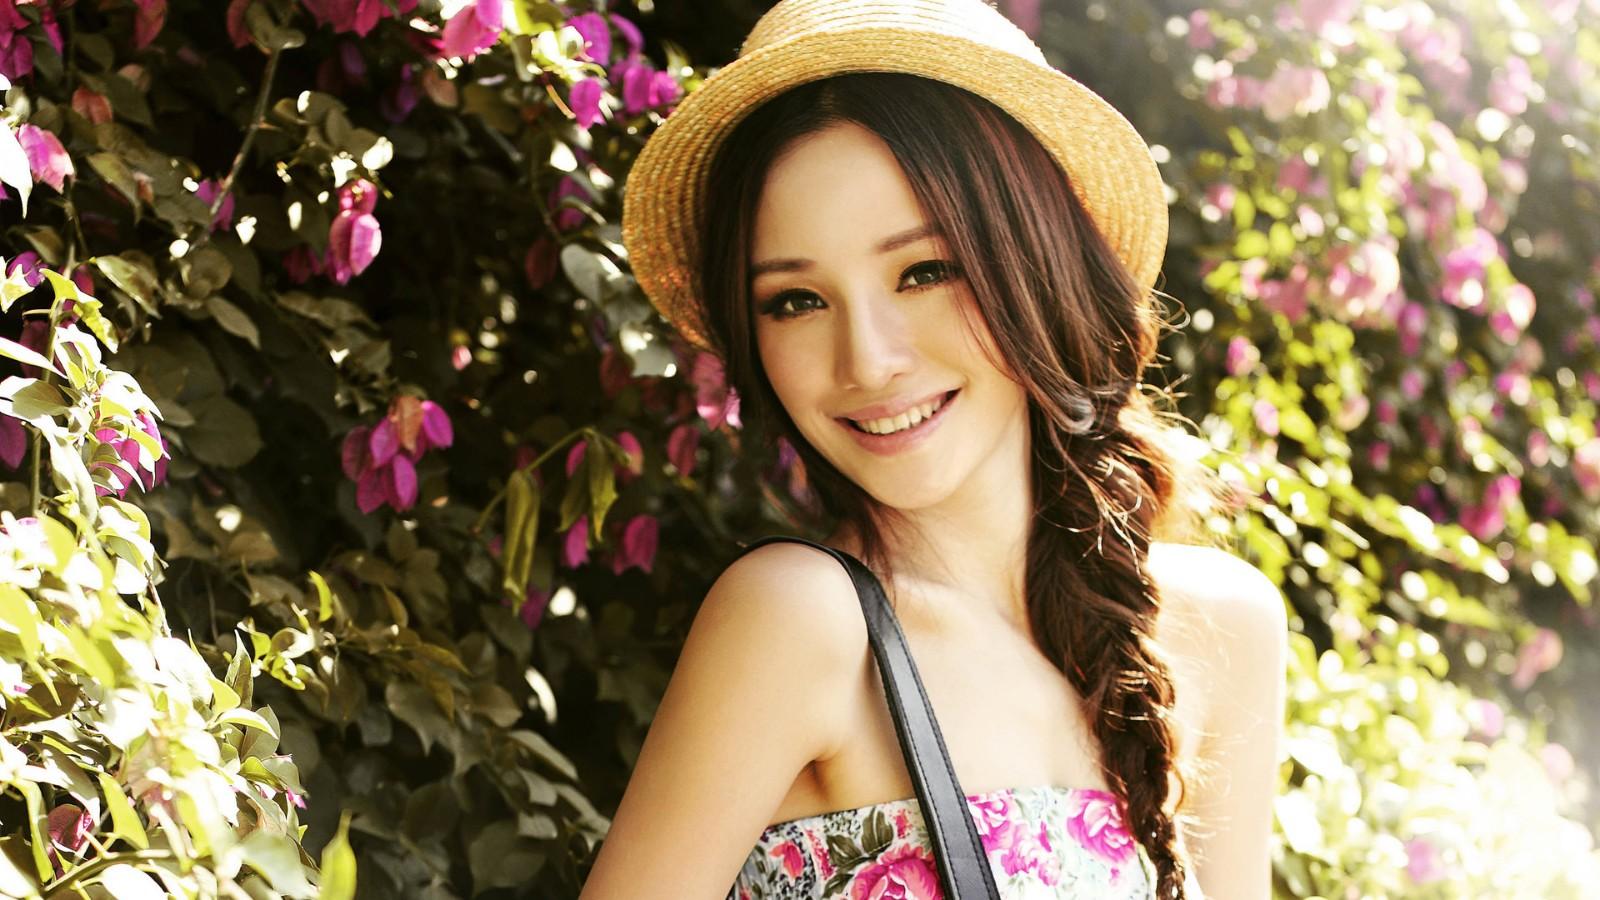 少女,美女,模特小清新,花海,夏日,开心,美女壁纸